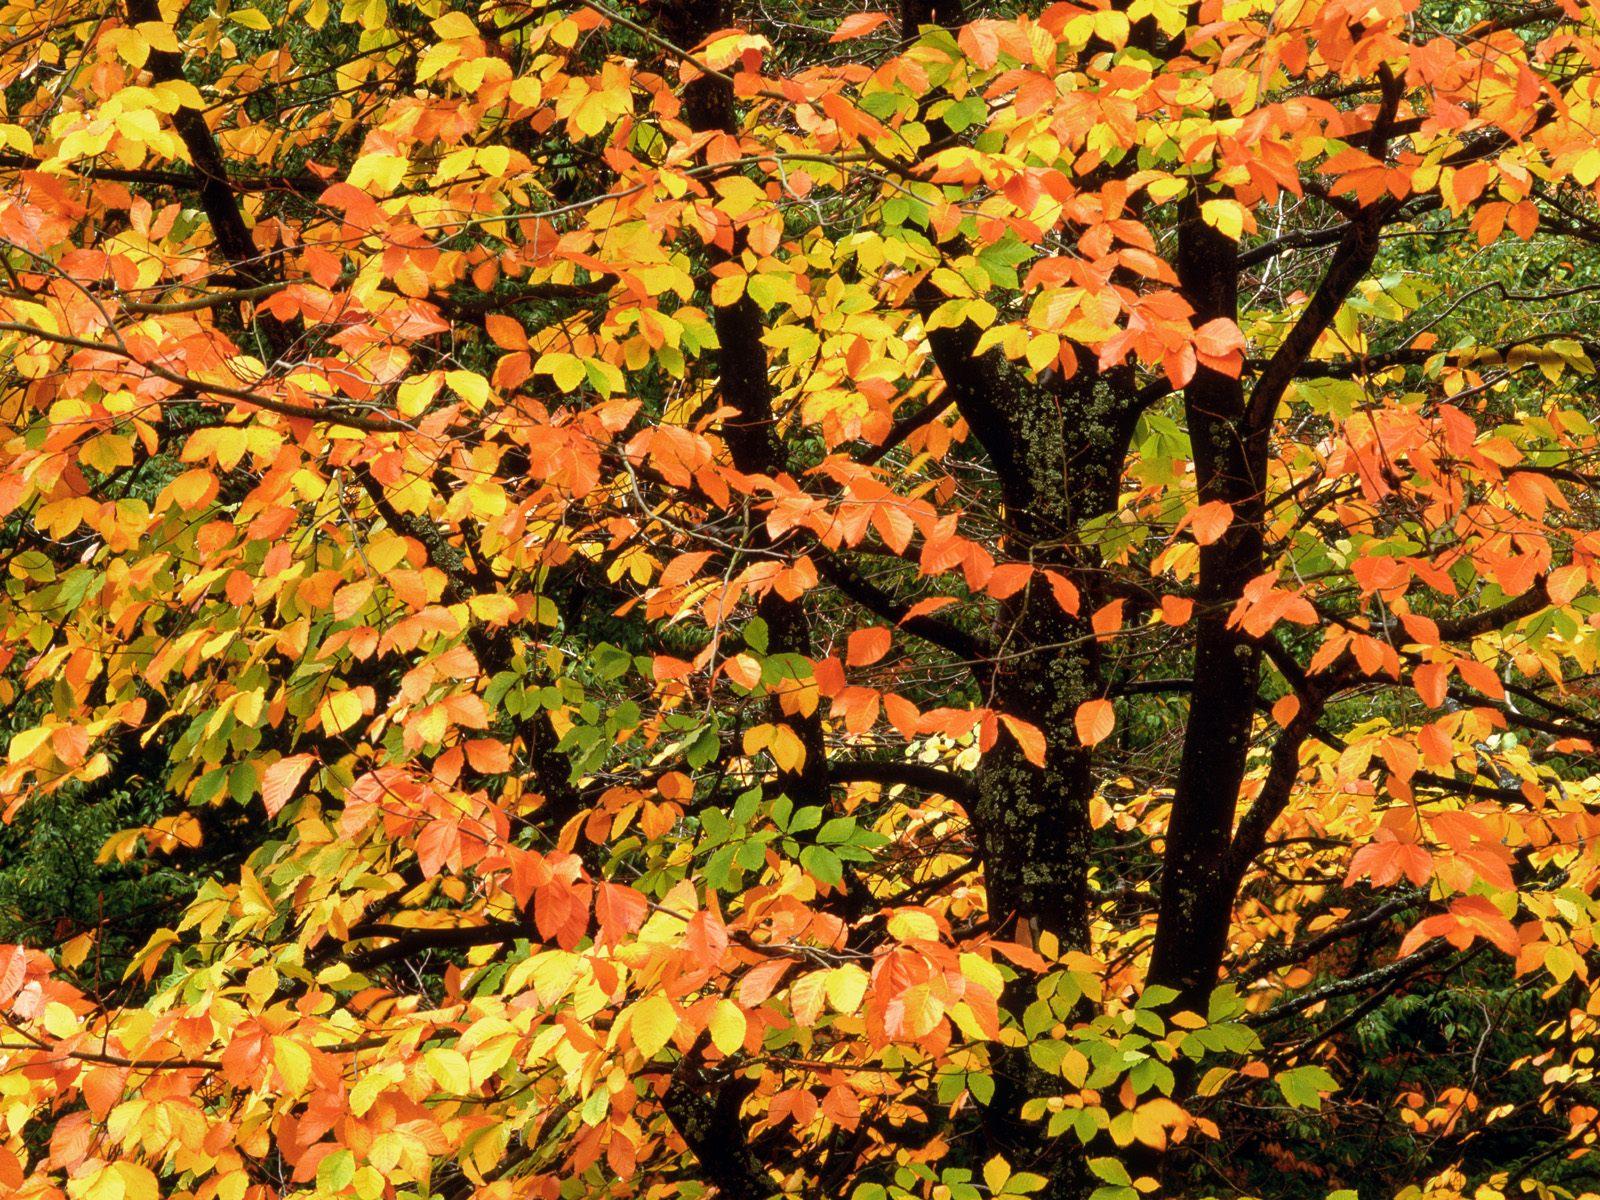 http://3.bp.blogspot.com/-zFpxTPzYiZI/UD_YcTAT0ZI/AAAAAAAAAFg/eFFYnTOF-E8/s1600/Nature+Landscapes+HD+Wallpapers+(4).jpg